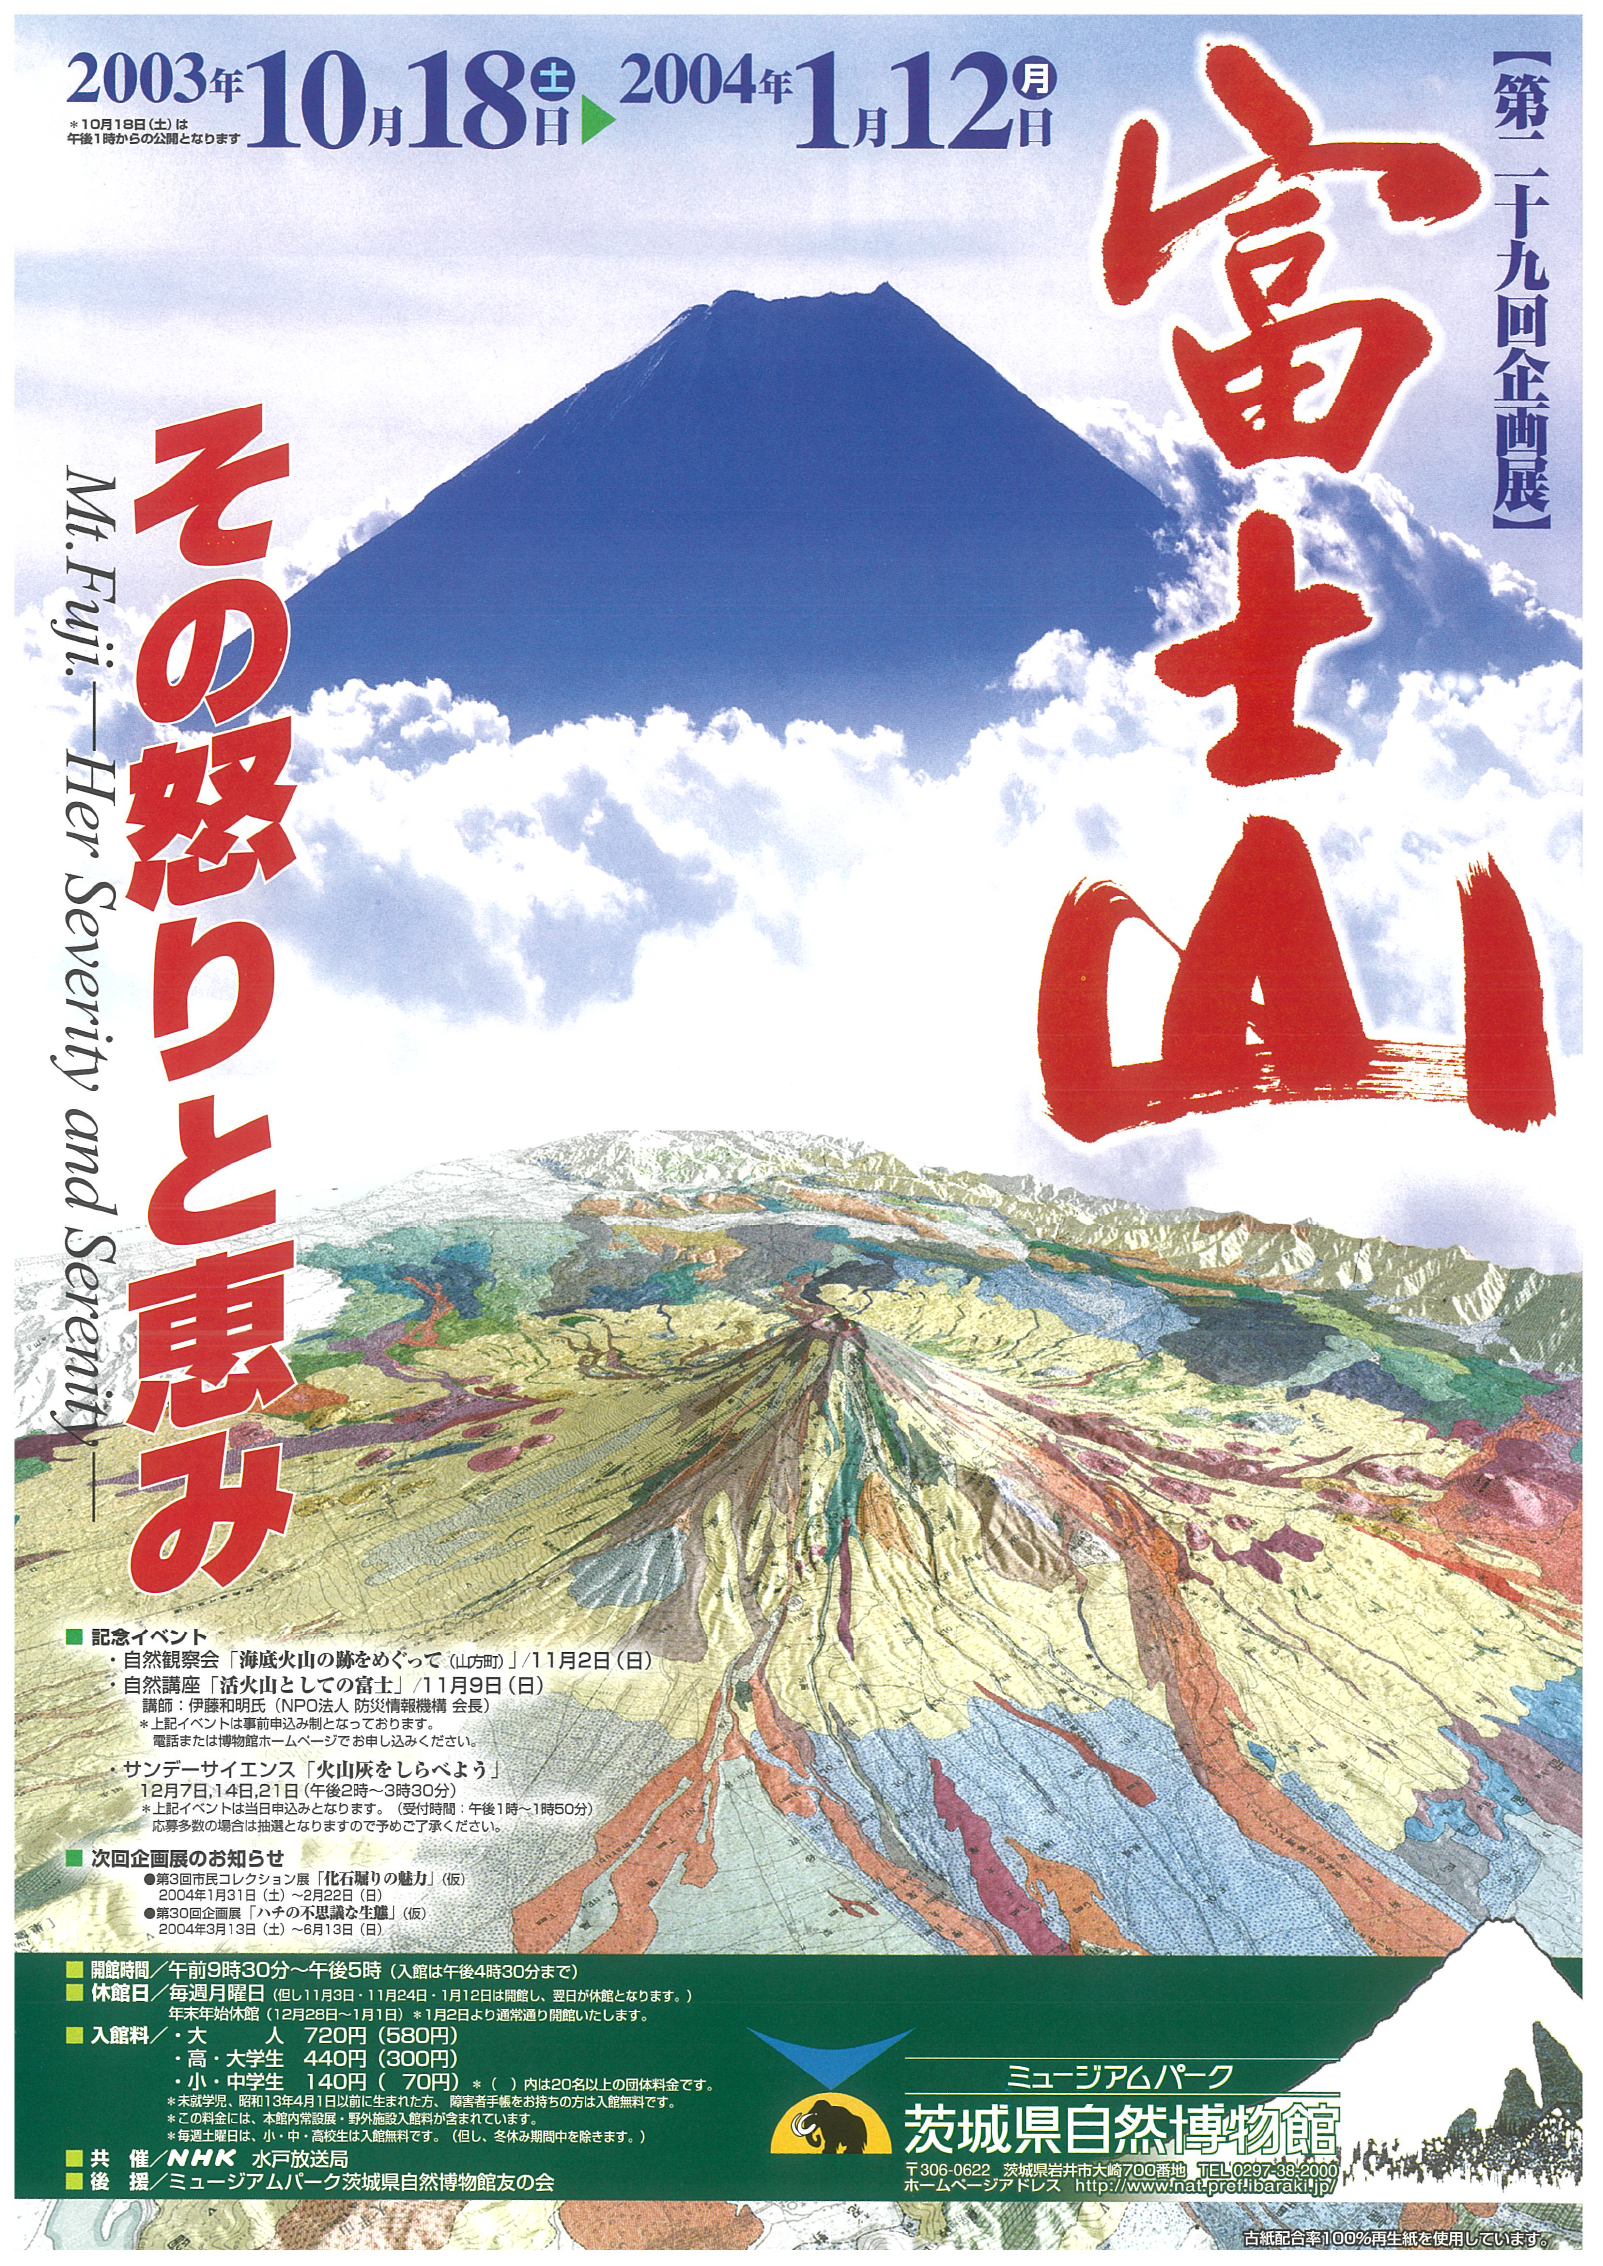 富士山 -その怒りと恵み-